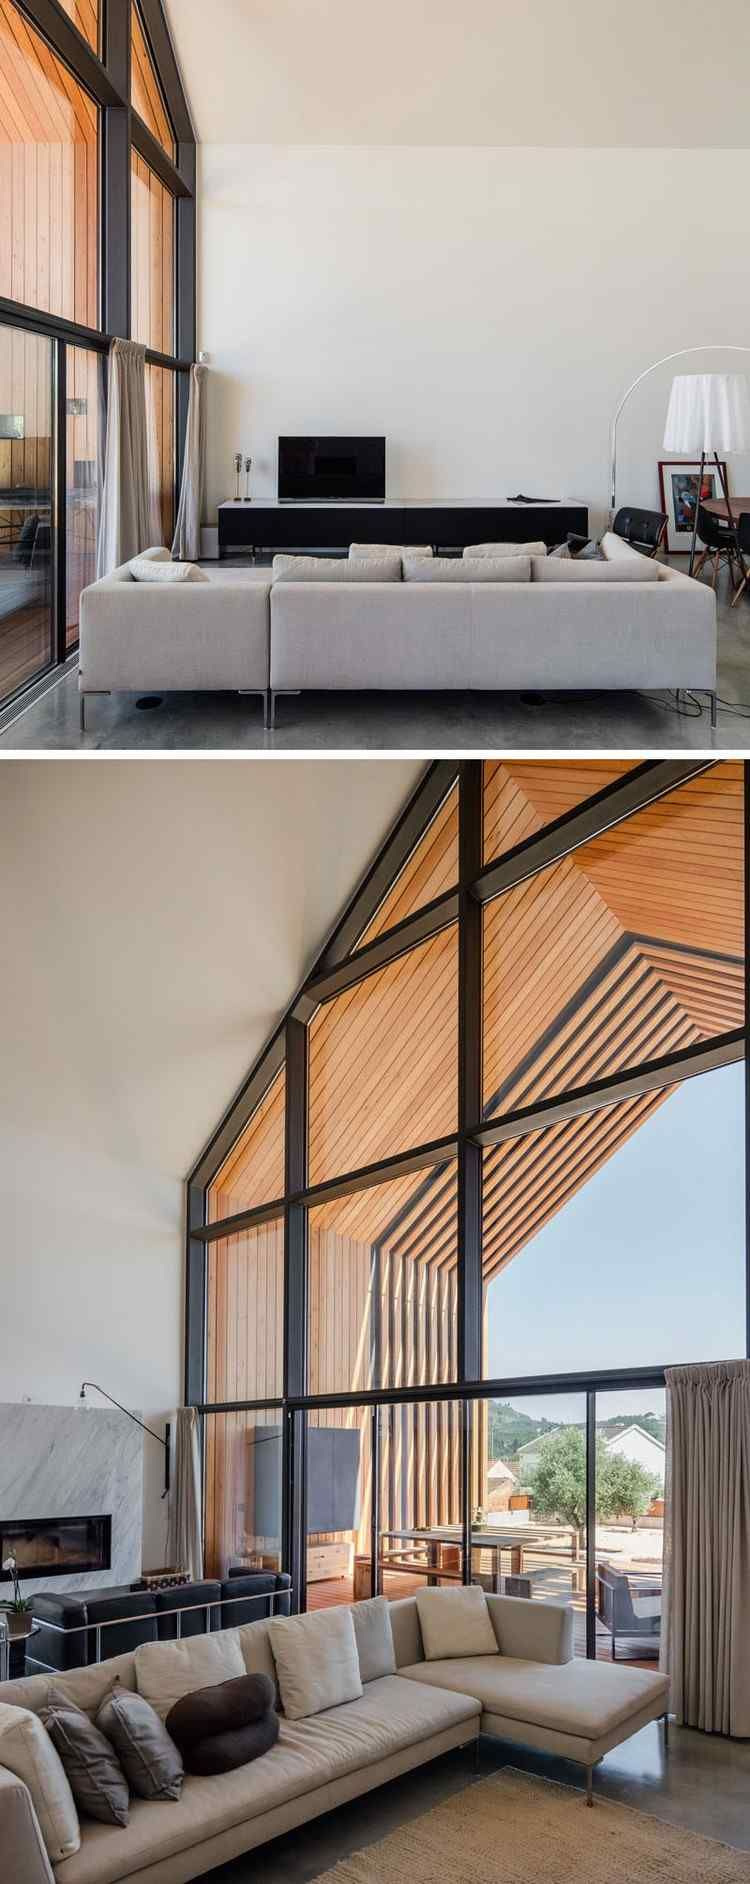 Fenetre Sur Mesure Qui Suit Le Toit D Une Maison D Architecte Au Portugal Maison Maison Originale Architecture Maison Moderne